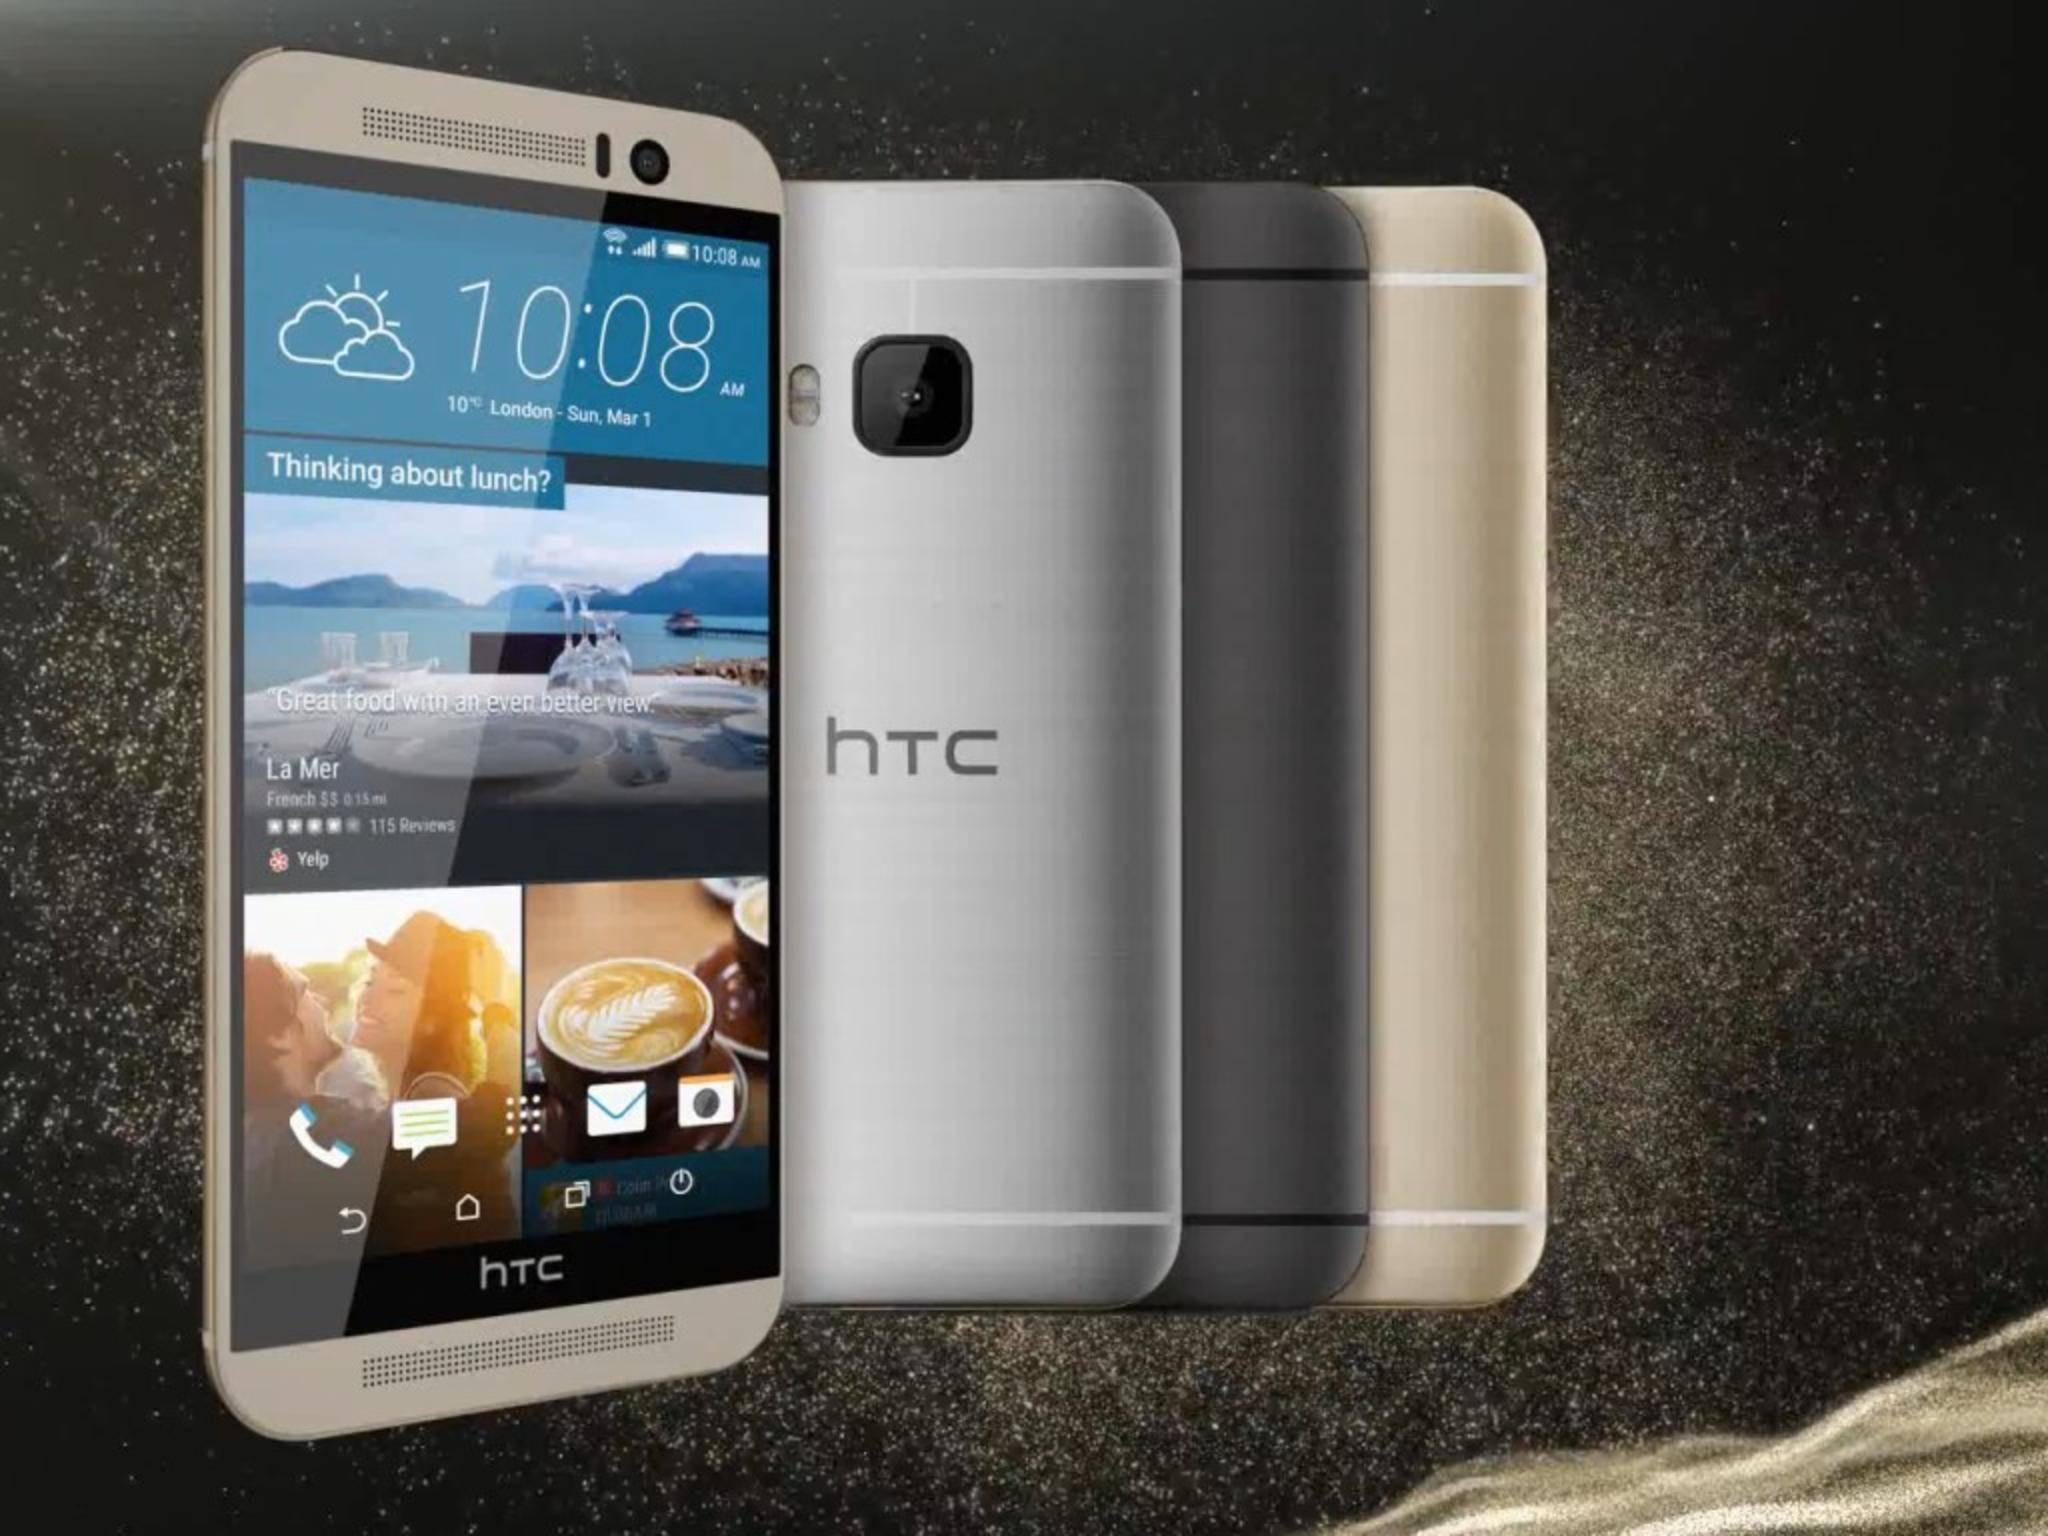 Wasserschaden oder kaputter Screen? Im ersten Jahr erhalten US-Käufer ein neues HTC One M9.